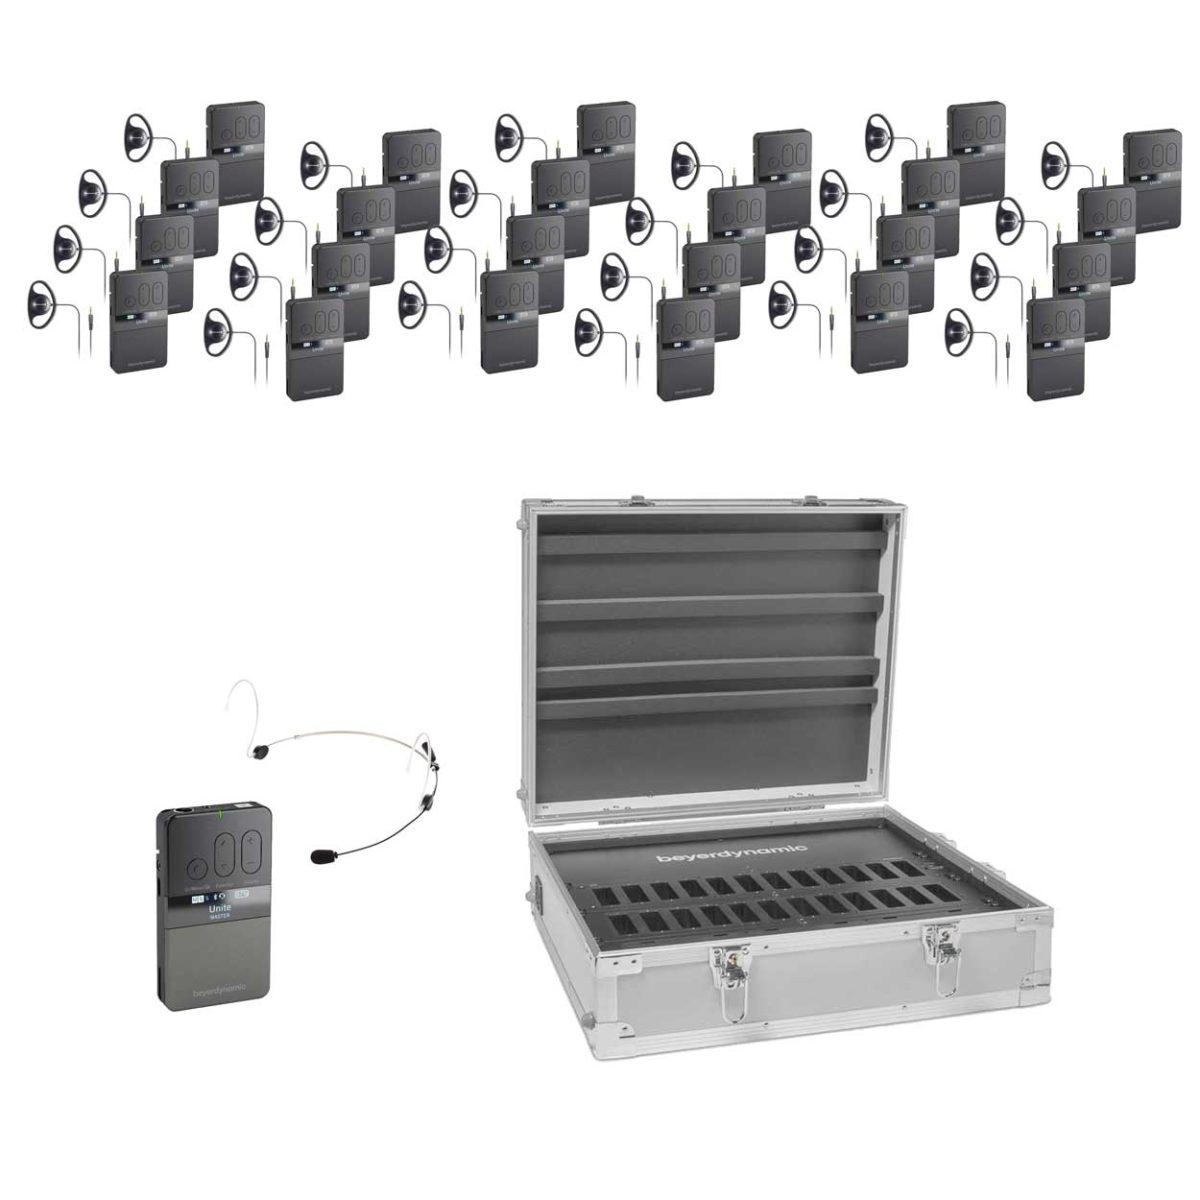 Rondleidingsysteem Guide VDS 700 BD Met 24 Ontvangers Geheel